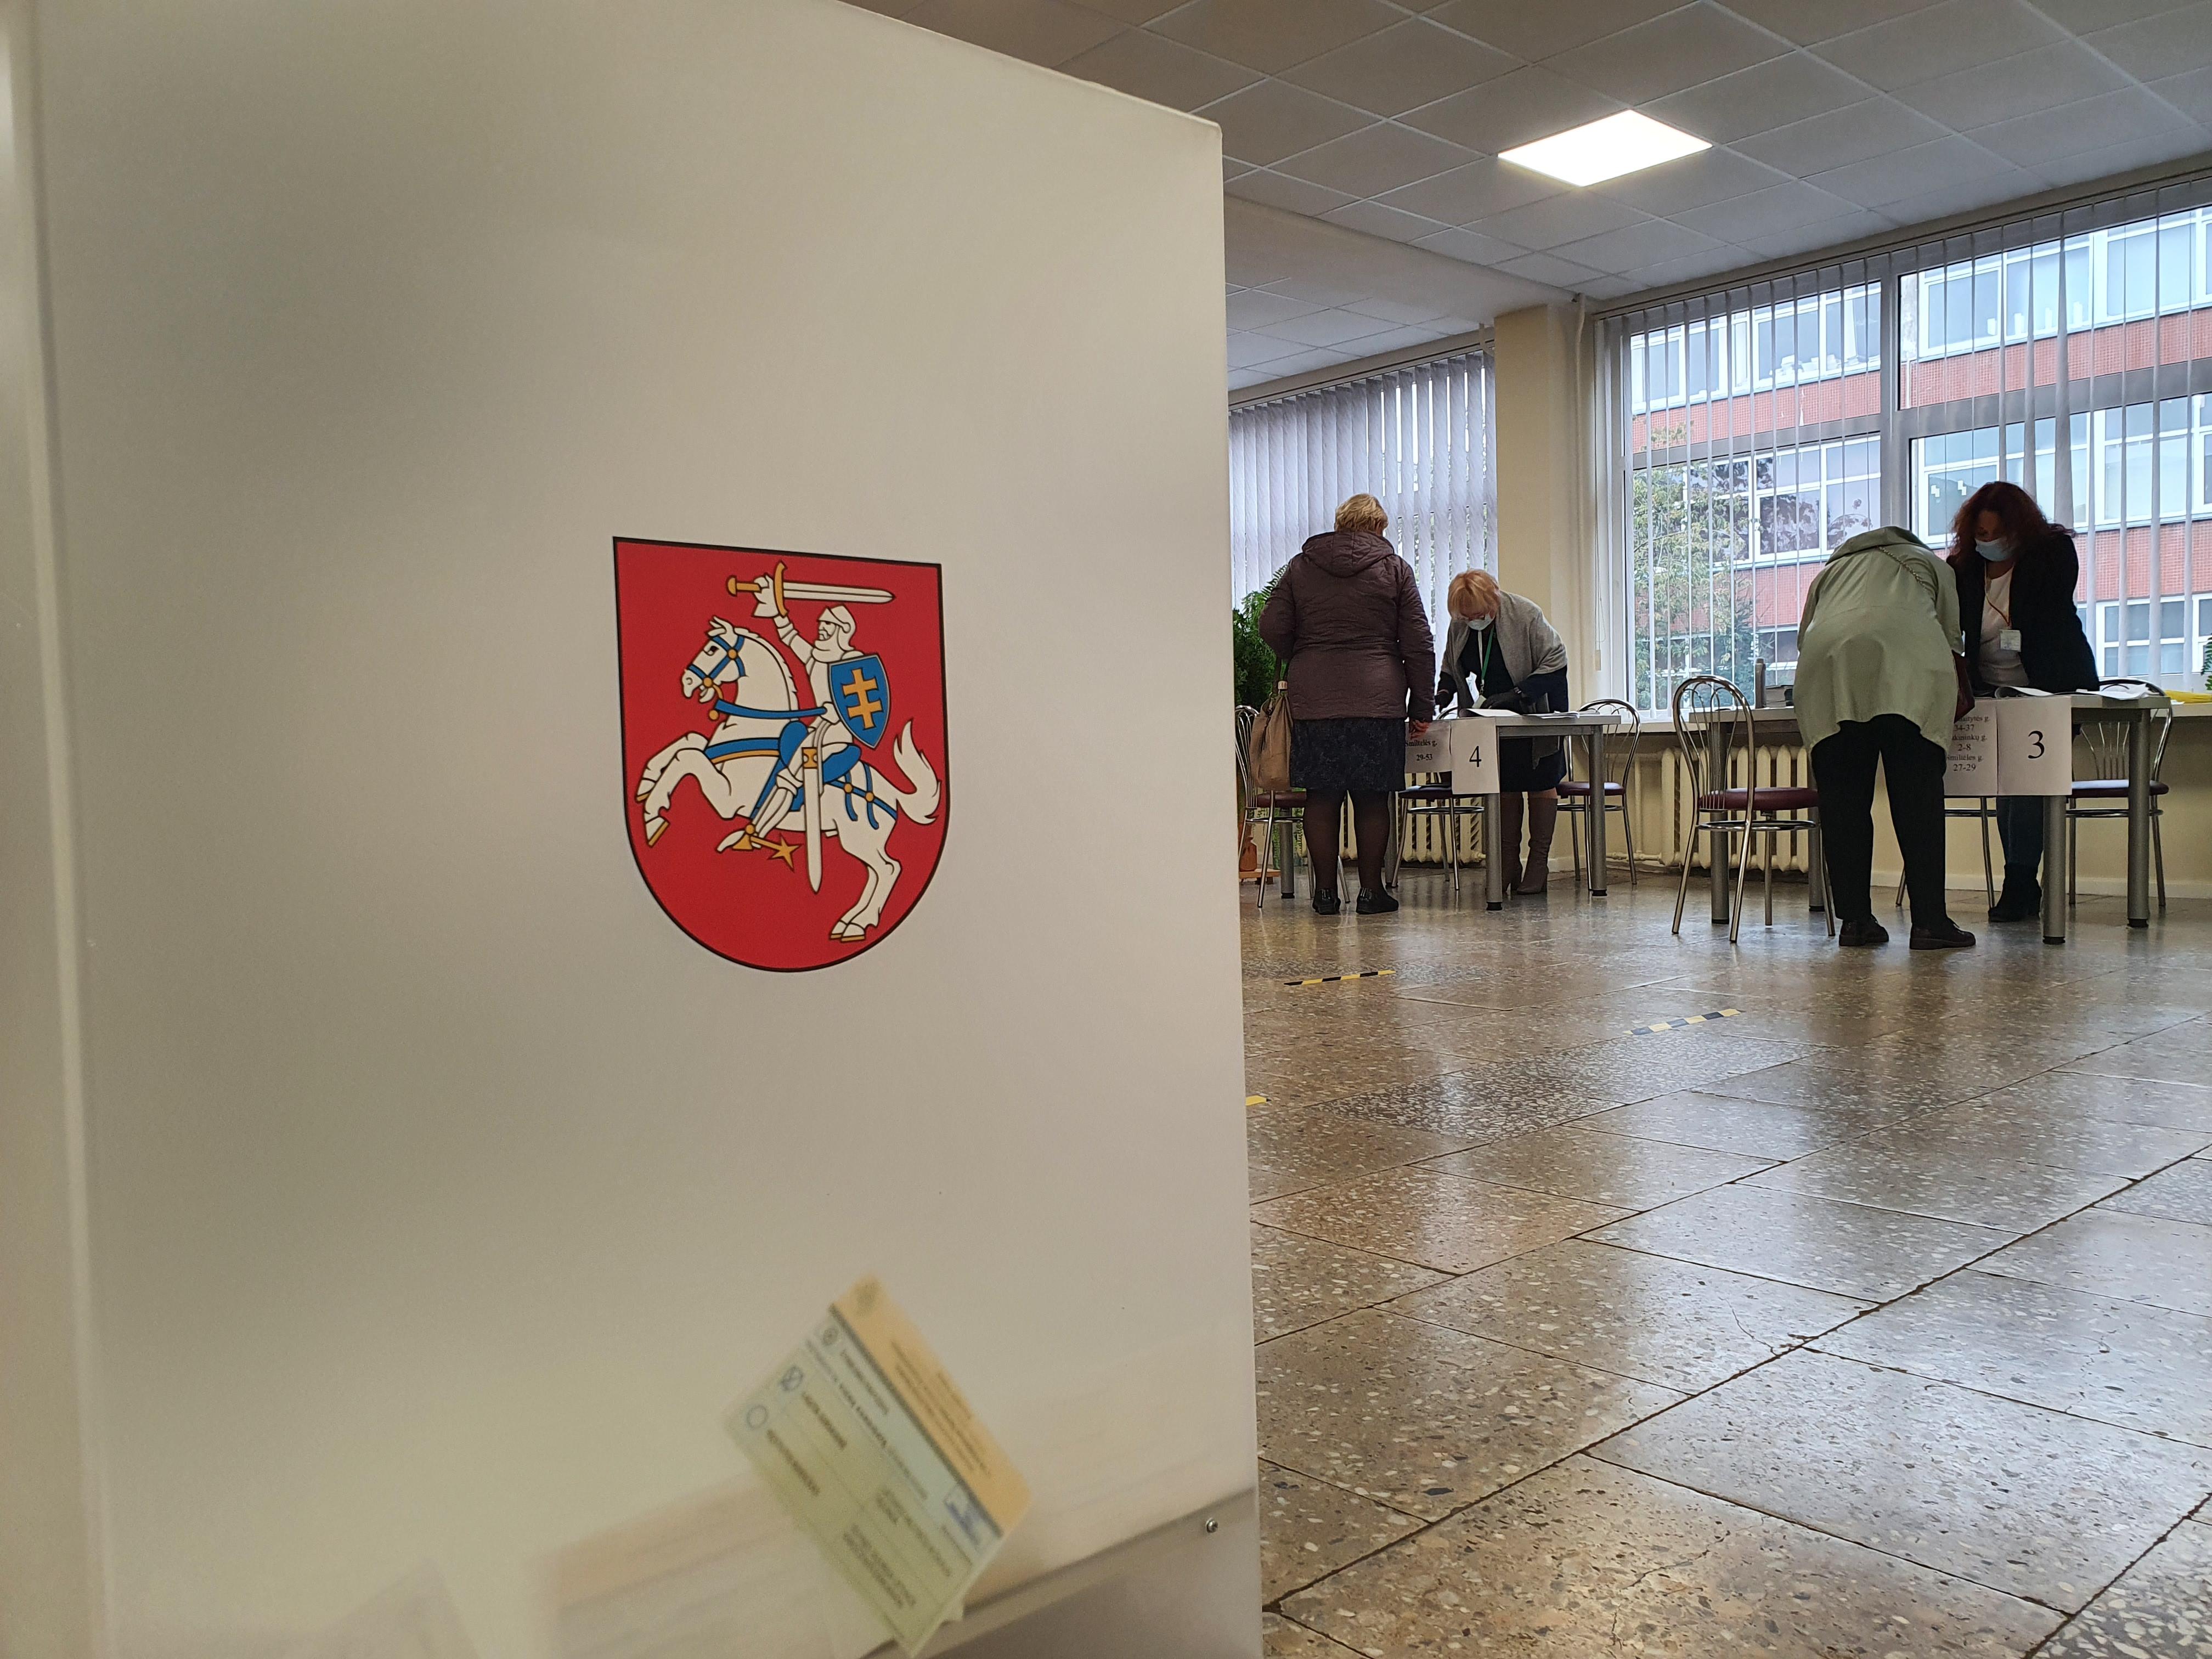 Два на два: кто будет представлять интересы жителей Клайпеды в новом Сейме?